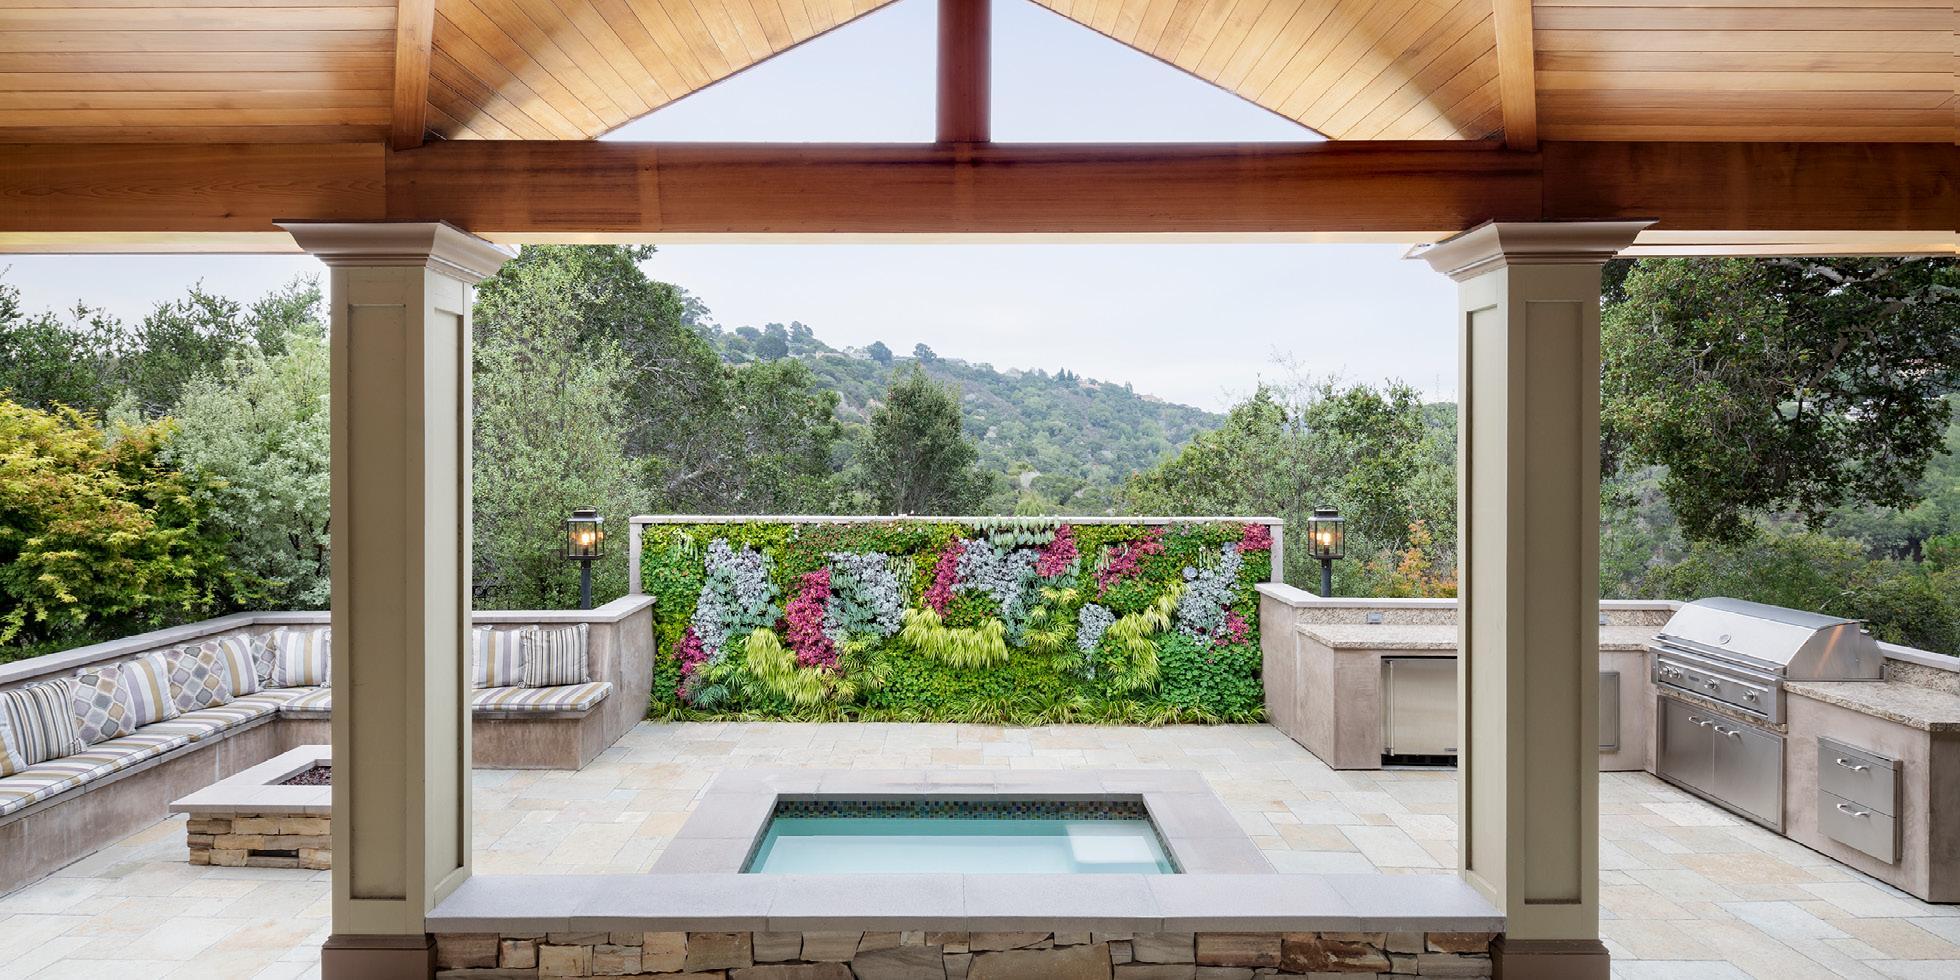 La Senda Road Living Wall by Habitat Horticulture - View 1